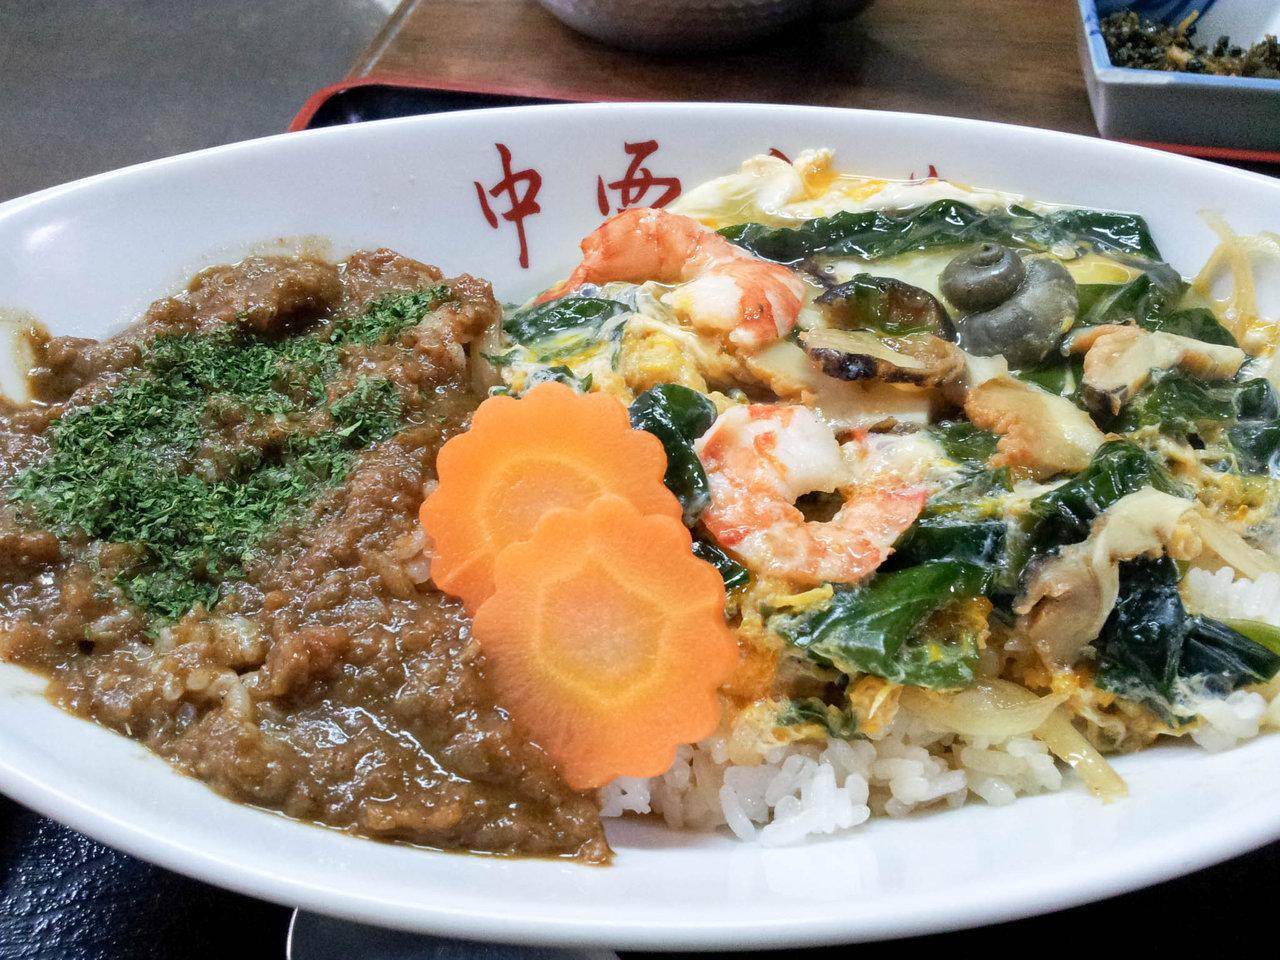 金印発見の地、志賀島「中西食堂」で食べる名物カレーさざえ丼